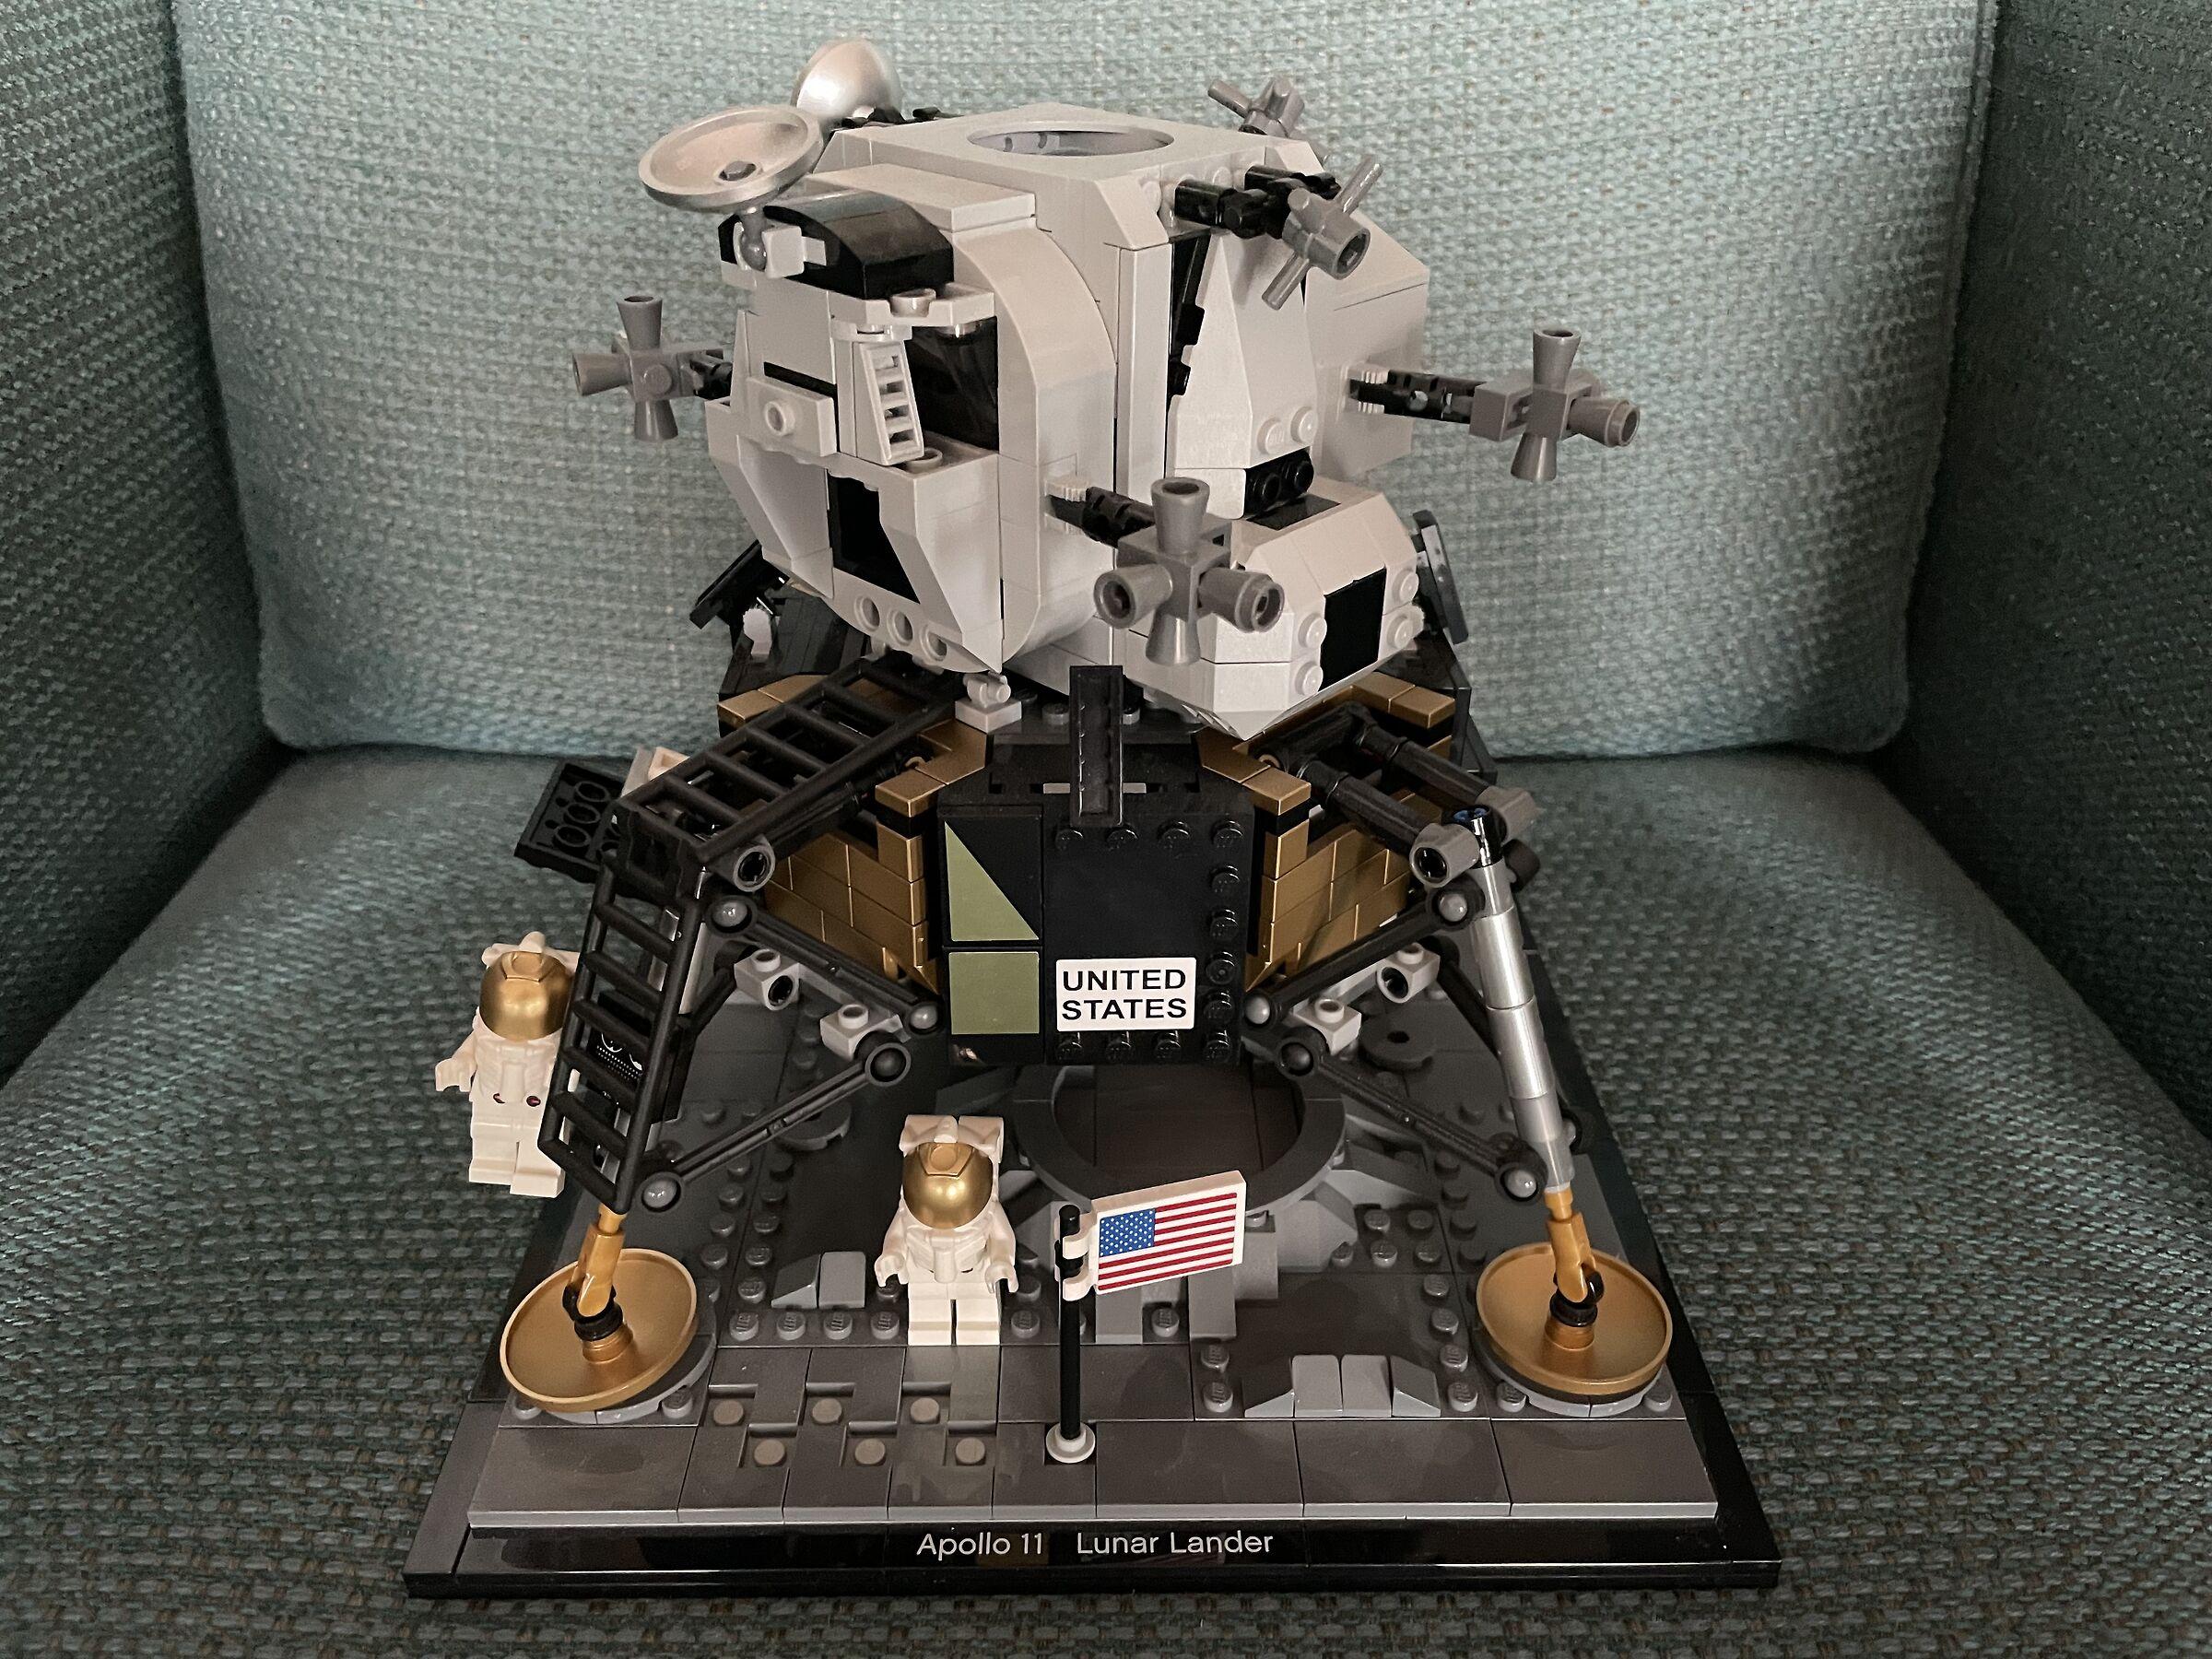 Apollo 11 Lunar Lander...